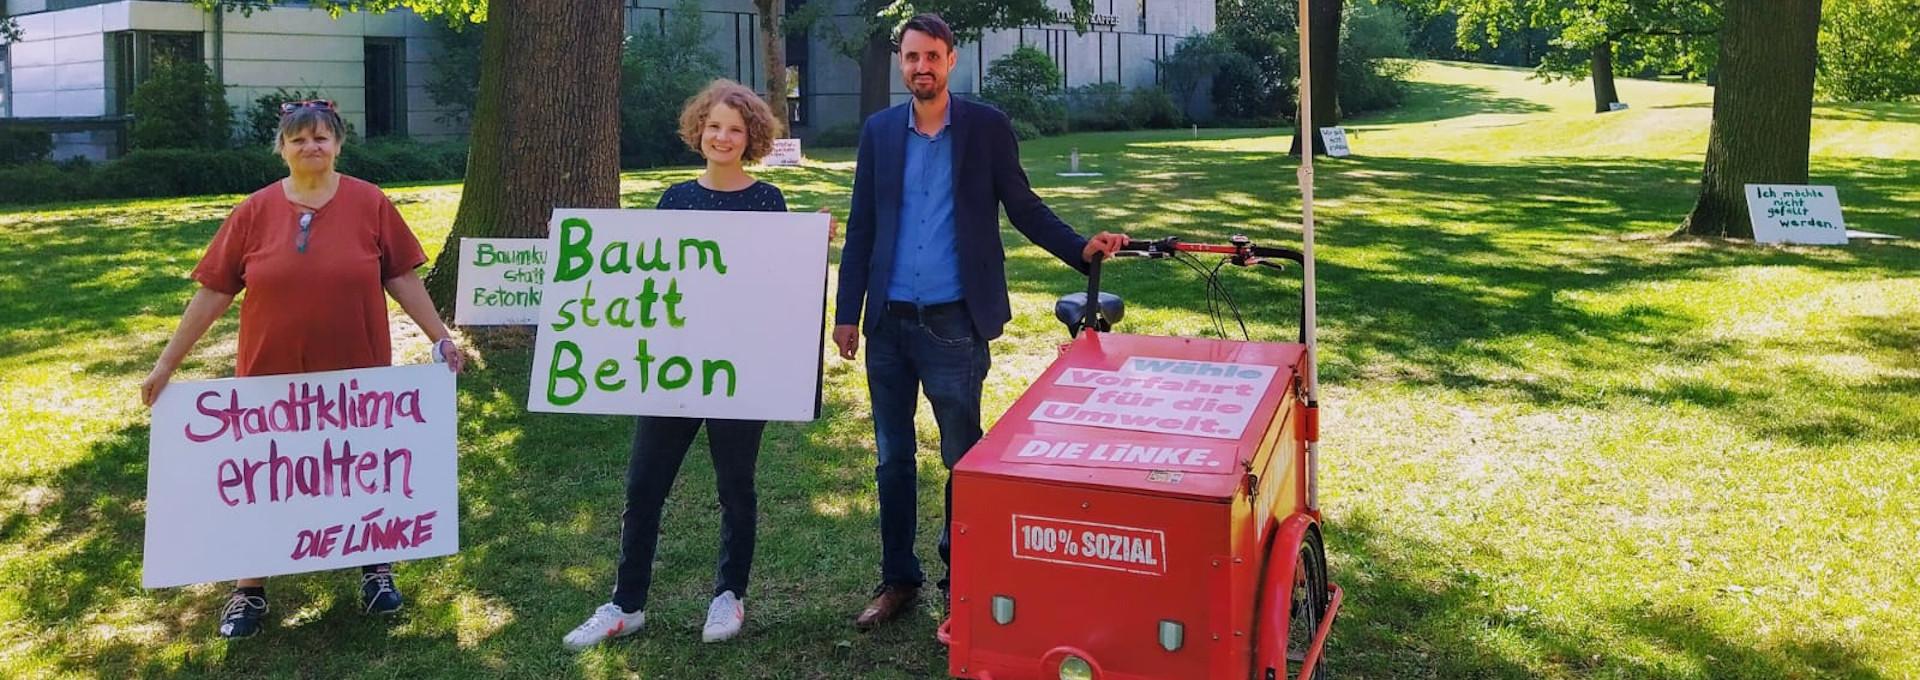 Angelika Lüdemann, Kathrin Flach und Titus Schüller bei der Aktion